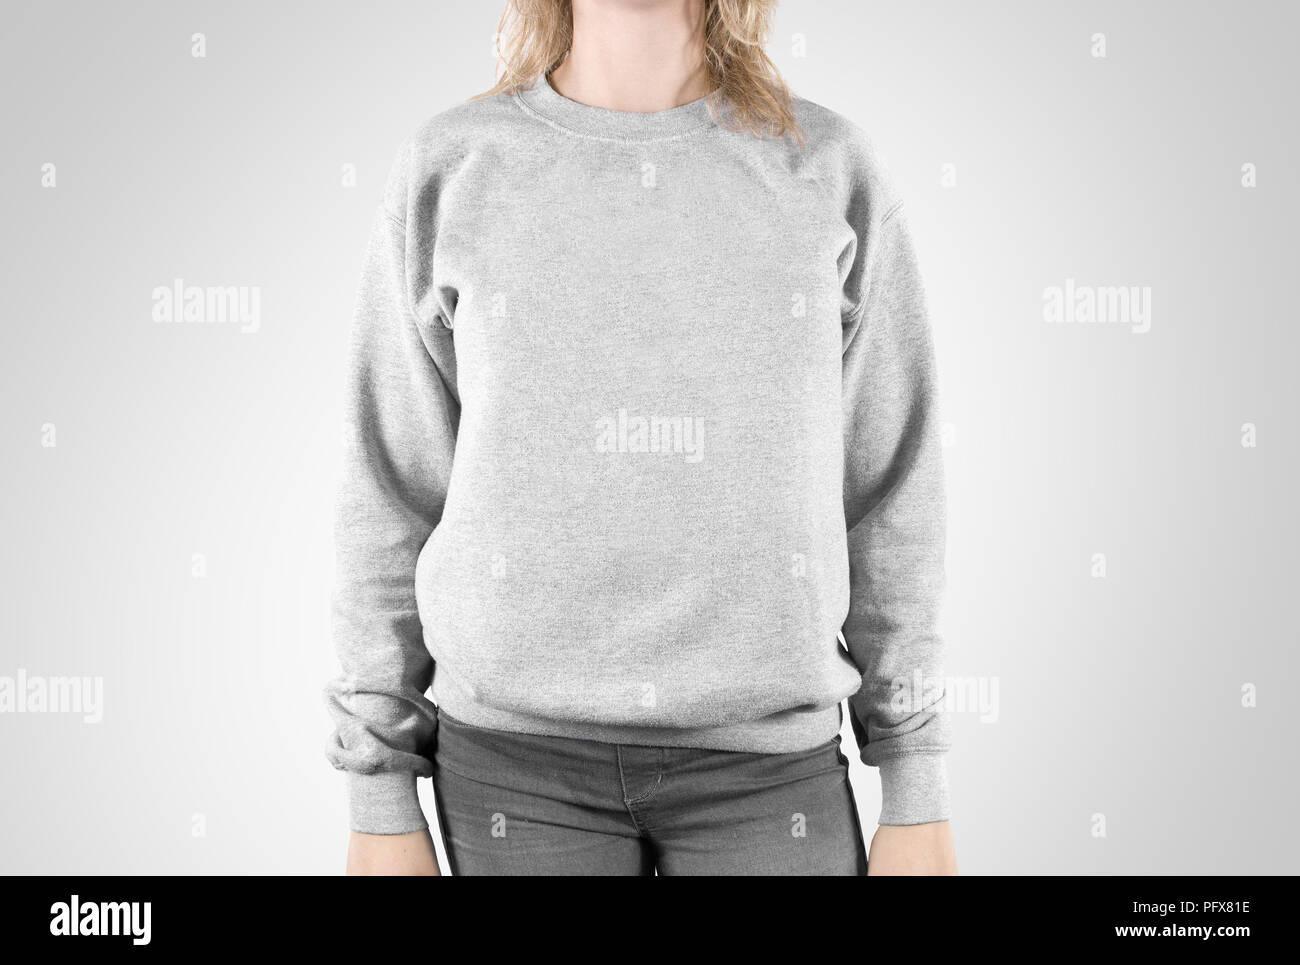 Felpa vuoto mock up isolato. Femmina normale usura hoodie mockup. Felpa con cappuccio semplice design presentazione. Cancellare allentato modello globale. Pullover per la stampa. Abbigliamento uomo felpa modello indossa un maglione Immagini Stock